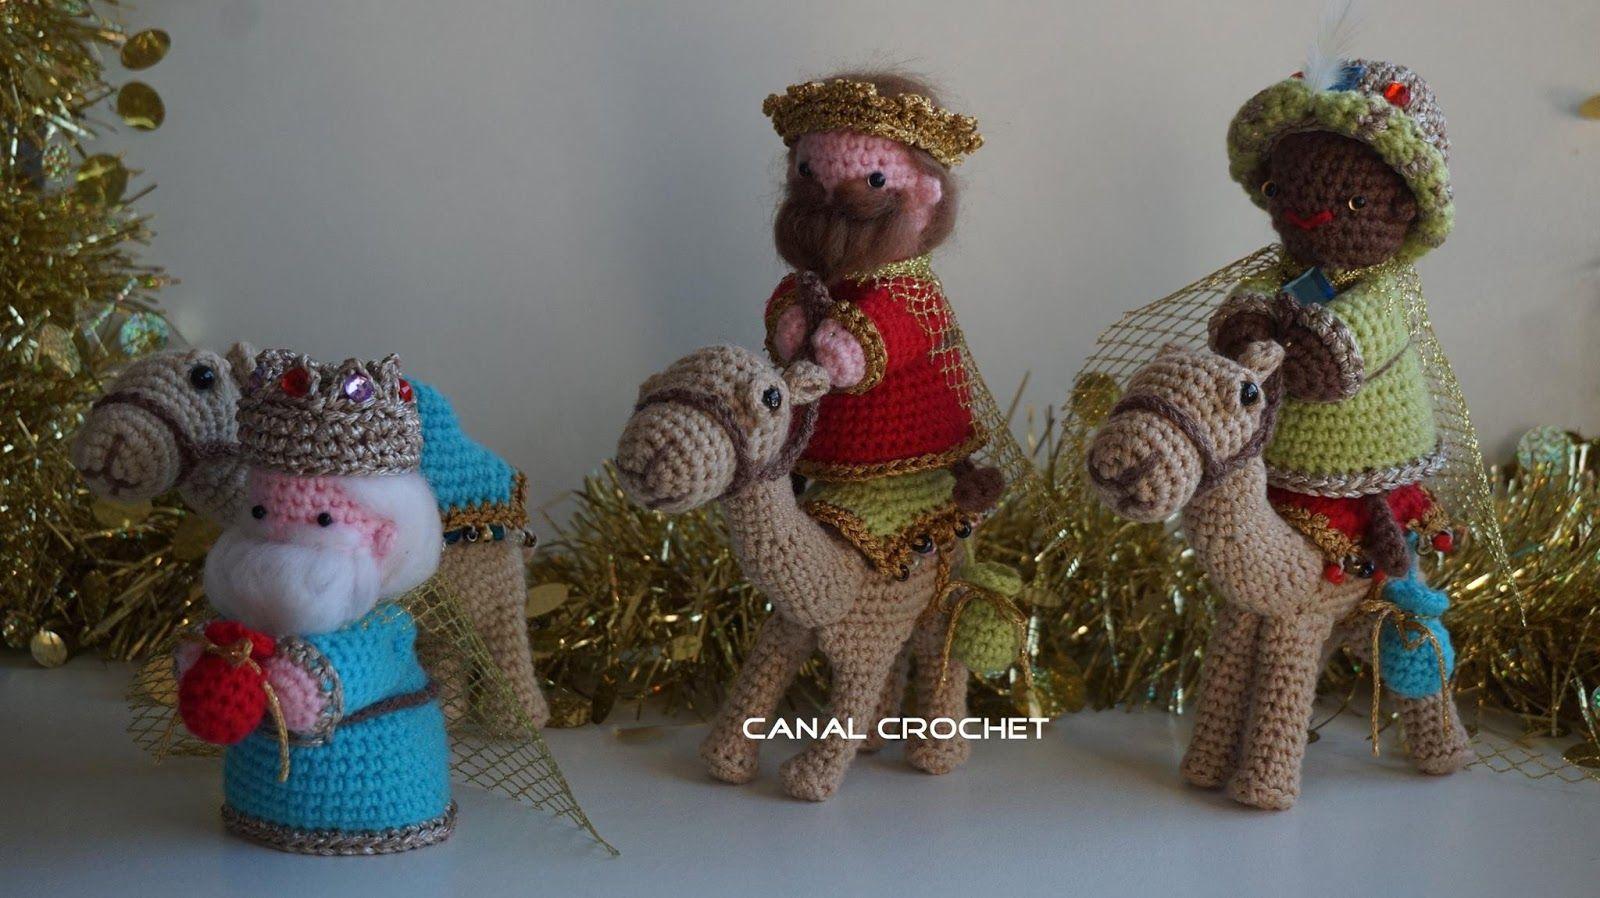 canal crochet reyes magos amigurumi patr n libre xmas. Black Bedroom Furniture Sets. Home Design Ideas